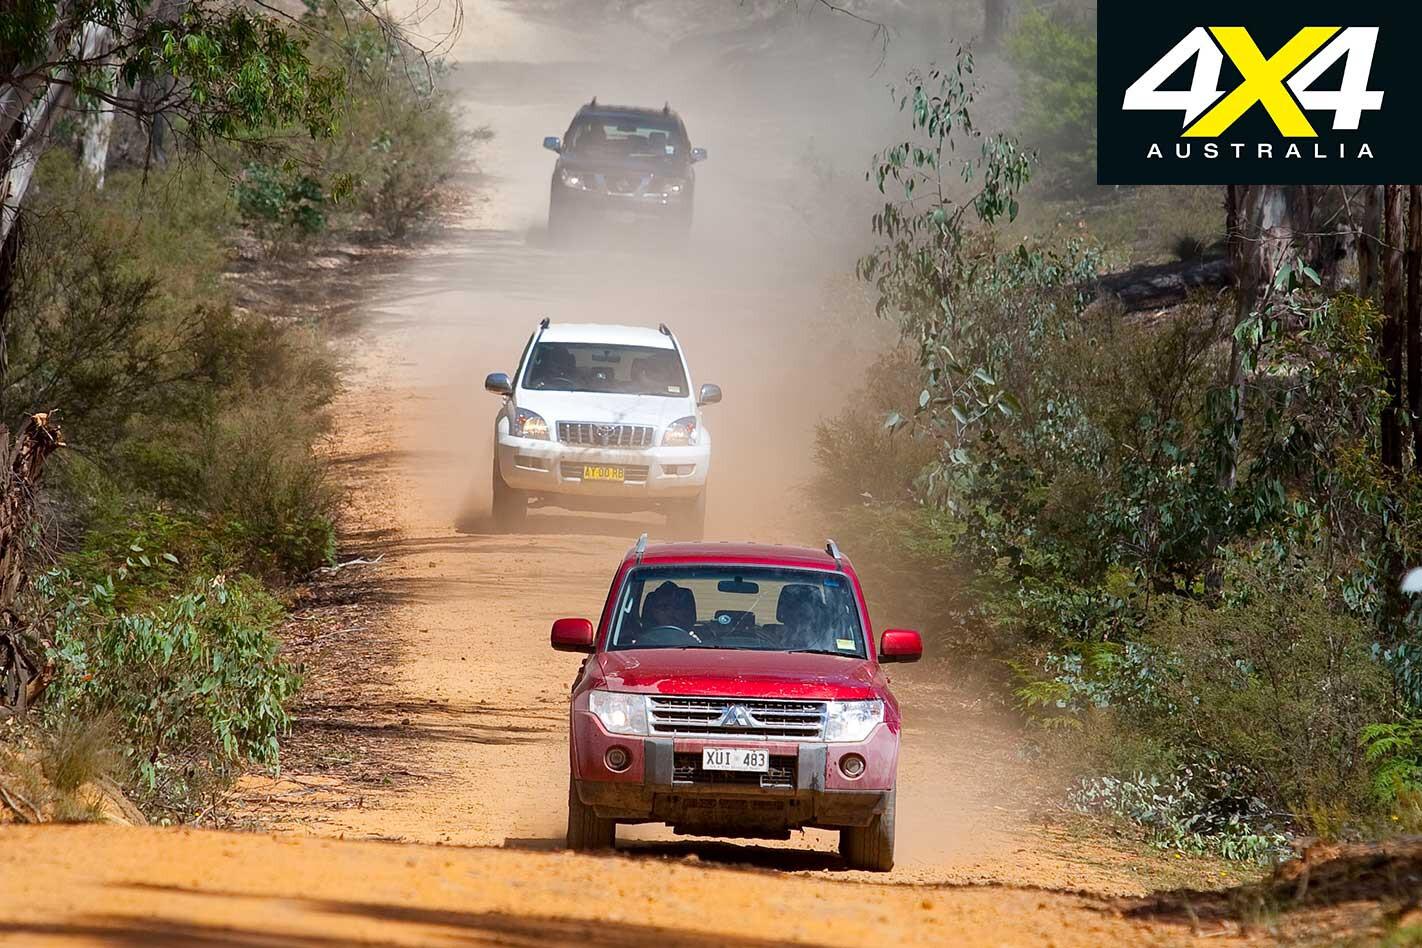 2009 Pajero Vs Pathfinder Vs Prado Comparison On Road Jpg